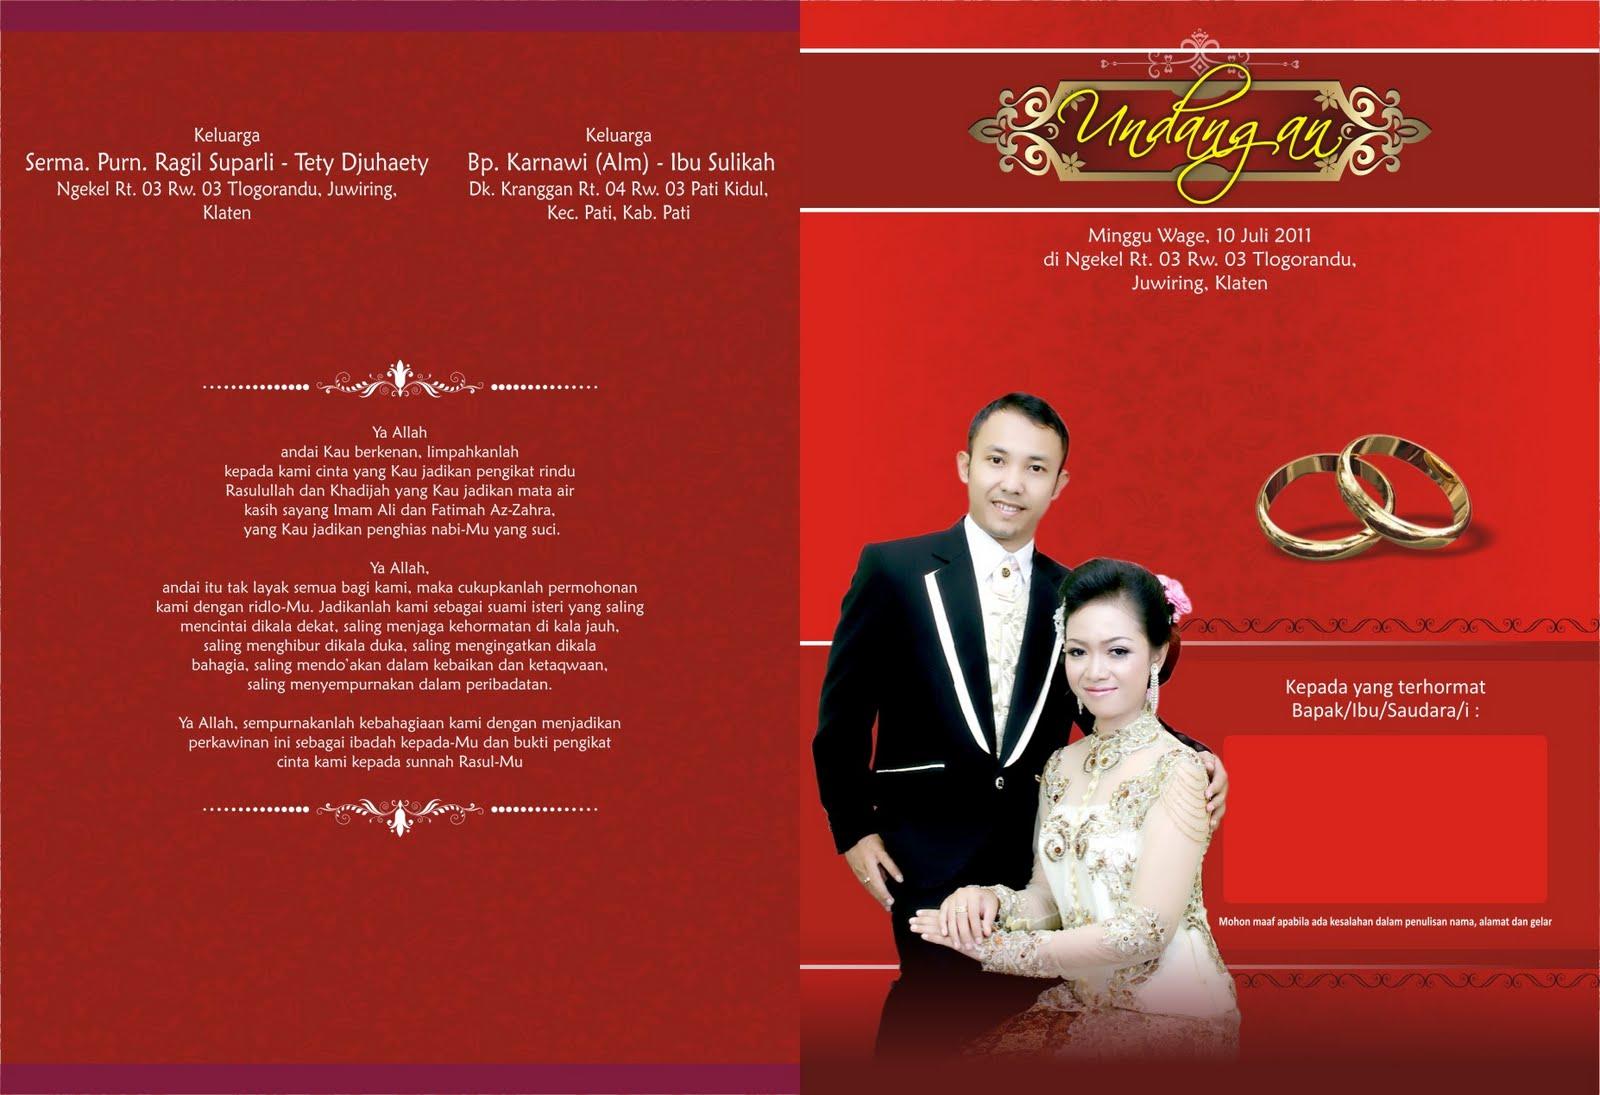 Download Desain Plakat Cdr